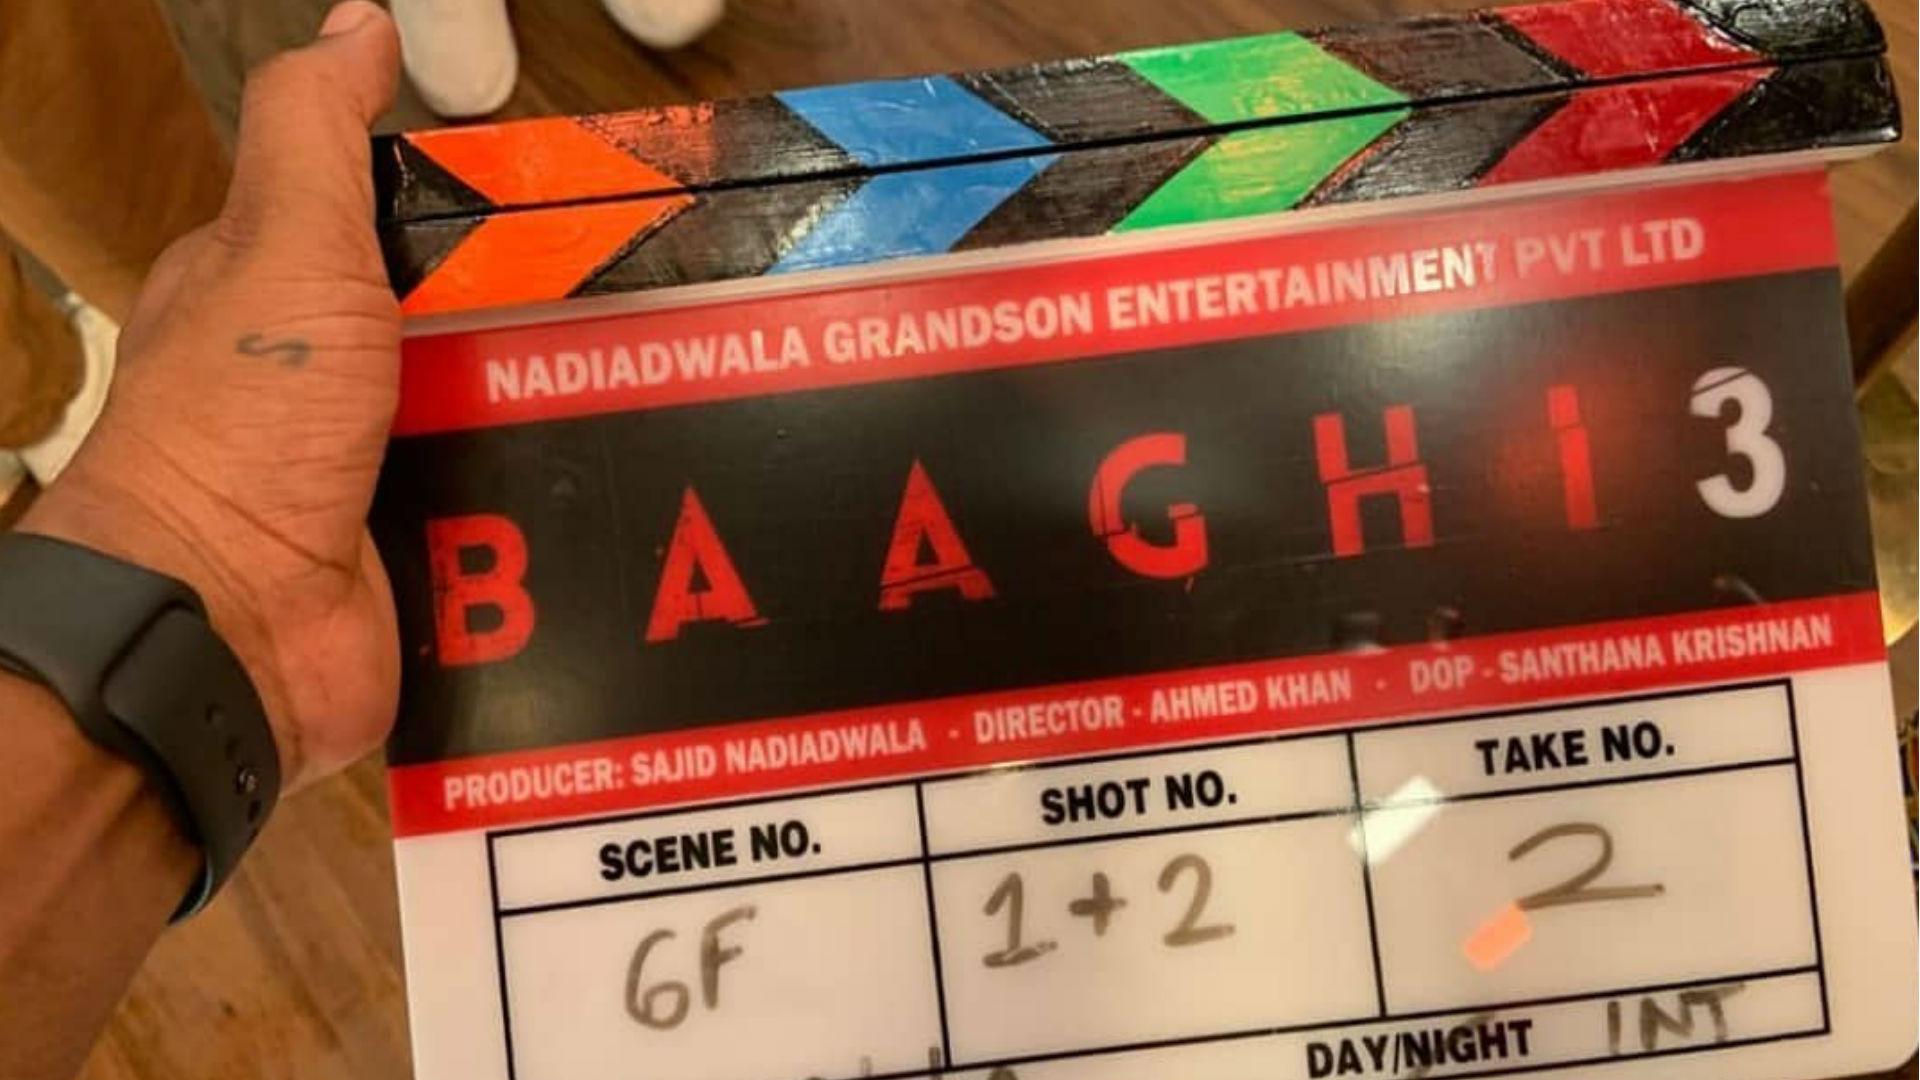 Baaghi 3 Movie: शुरू हुई फिल्म की शूटिंग, अगले साल इस दिन दिखेगा टाइगर श्रॉफ-श्रद्धा कपूर का एक्शन अवतार